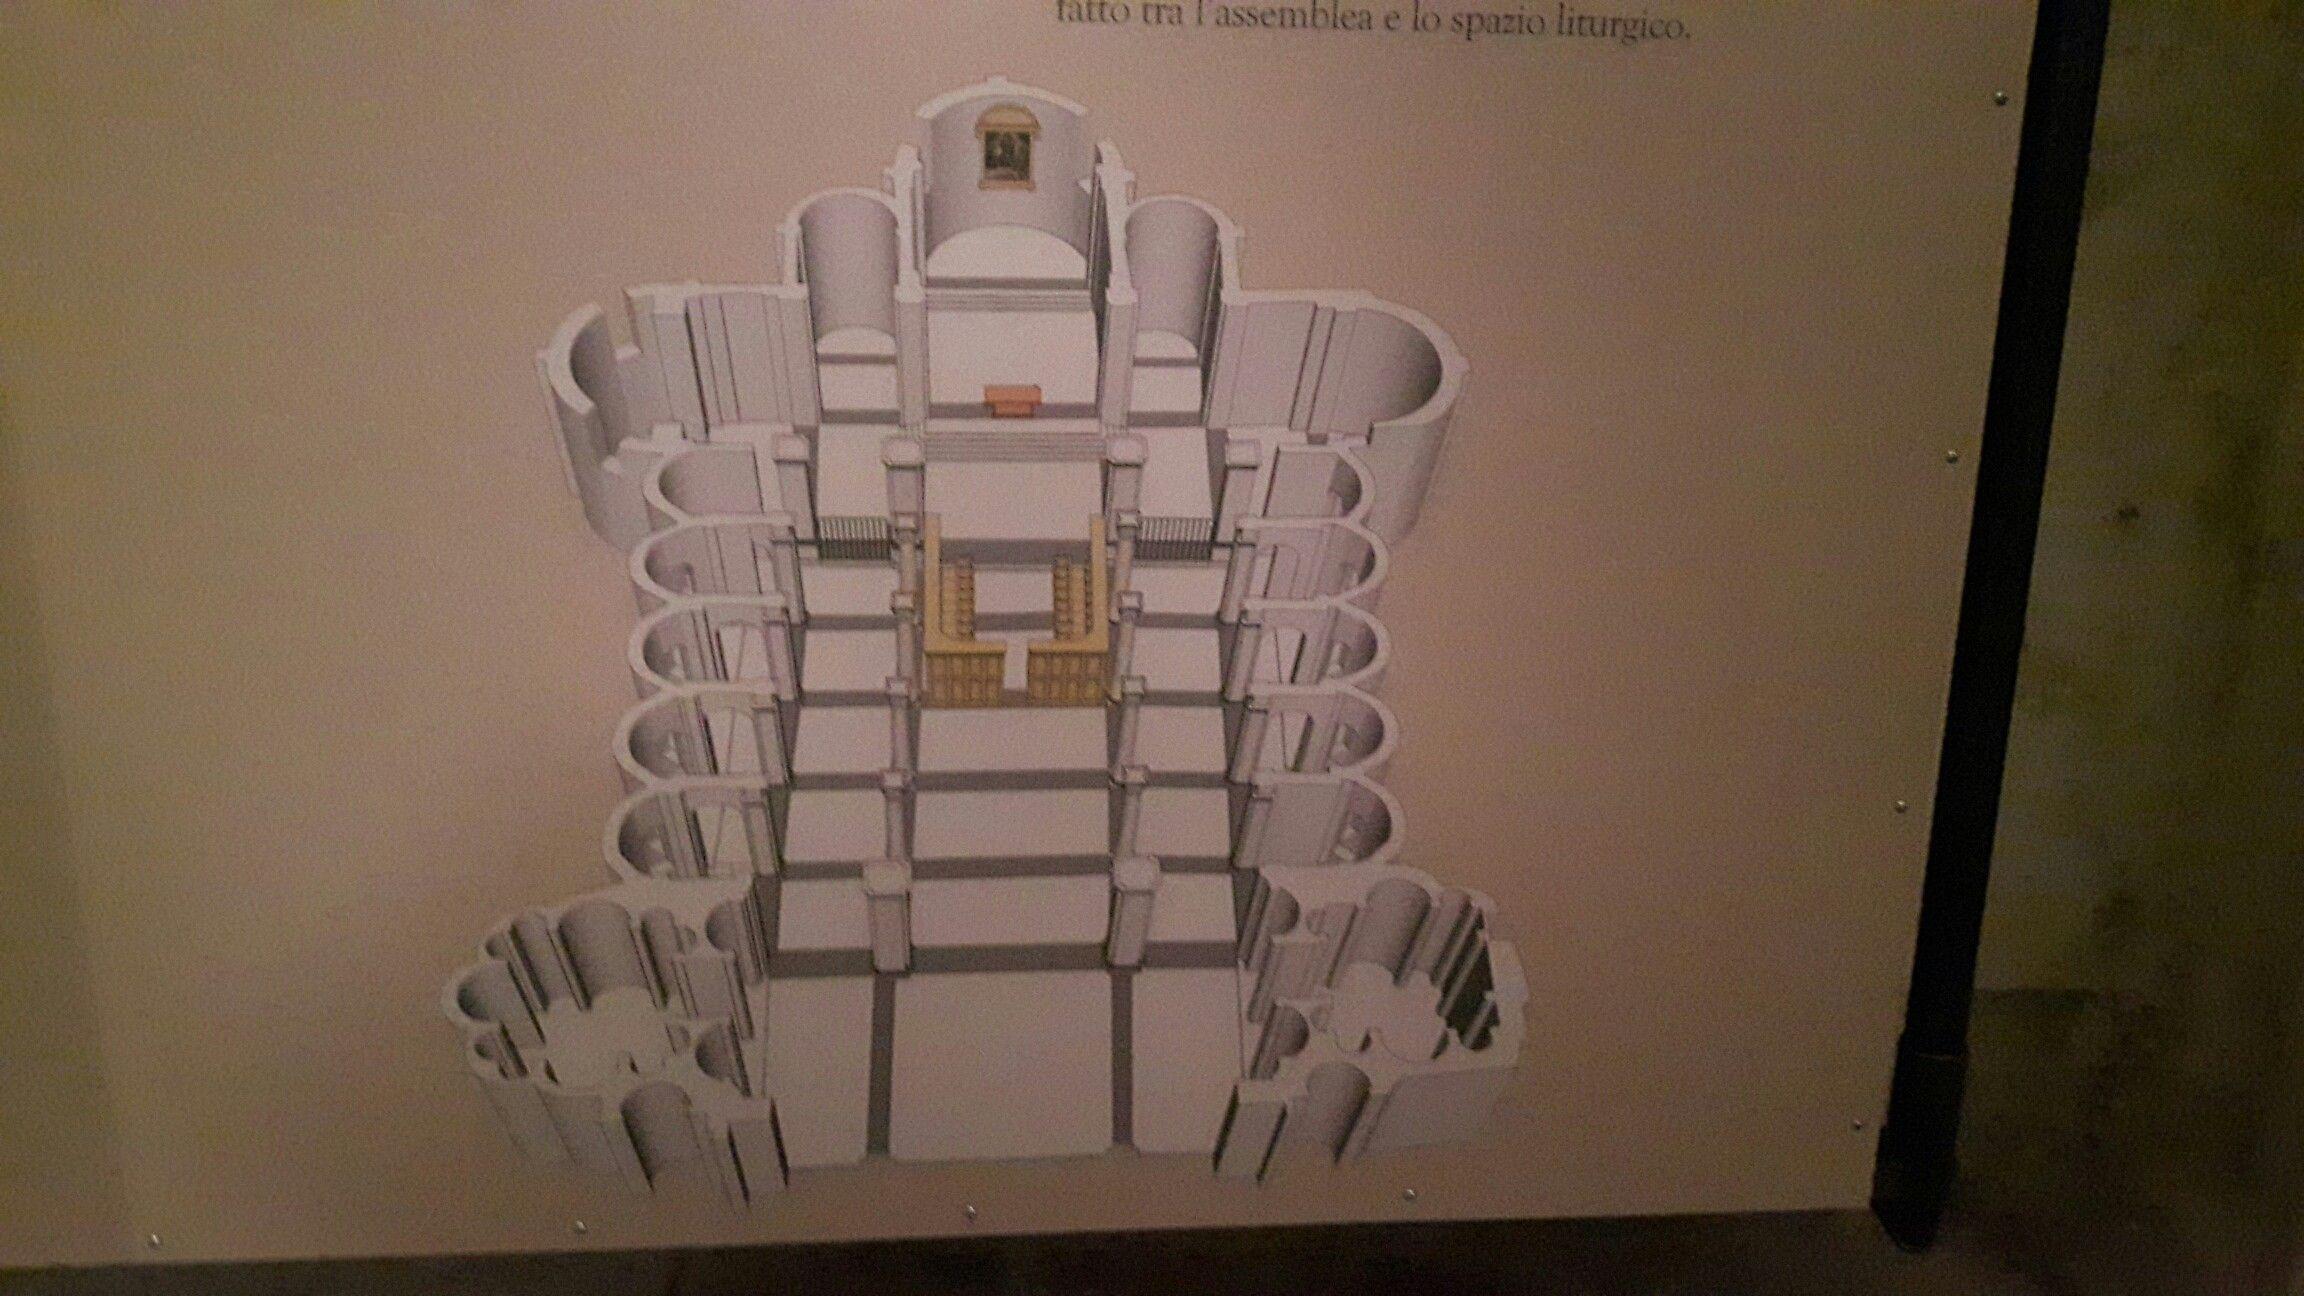 Chiesa di San Sisto a Piacenza.  Architetto Alessio Tramello.  1490-1511. Ricostruzione dell'assetto originario con il coro al centro della navata principale